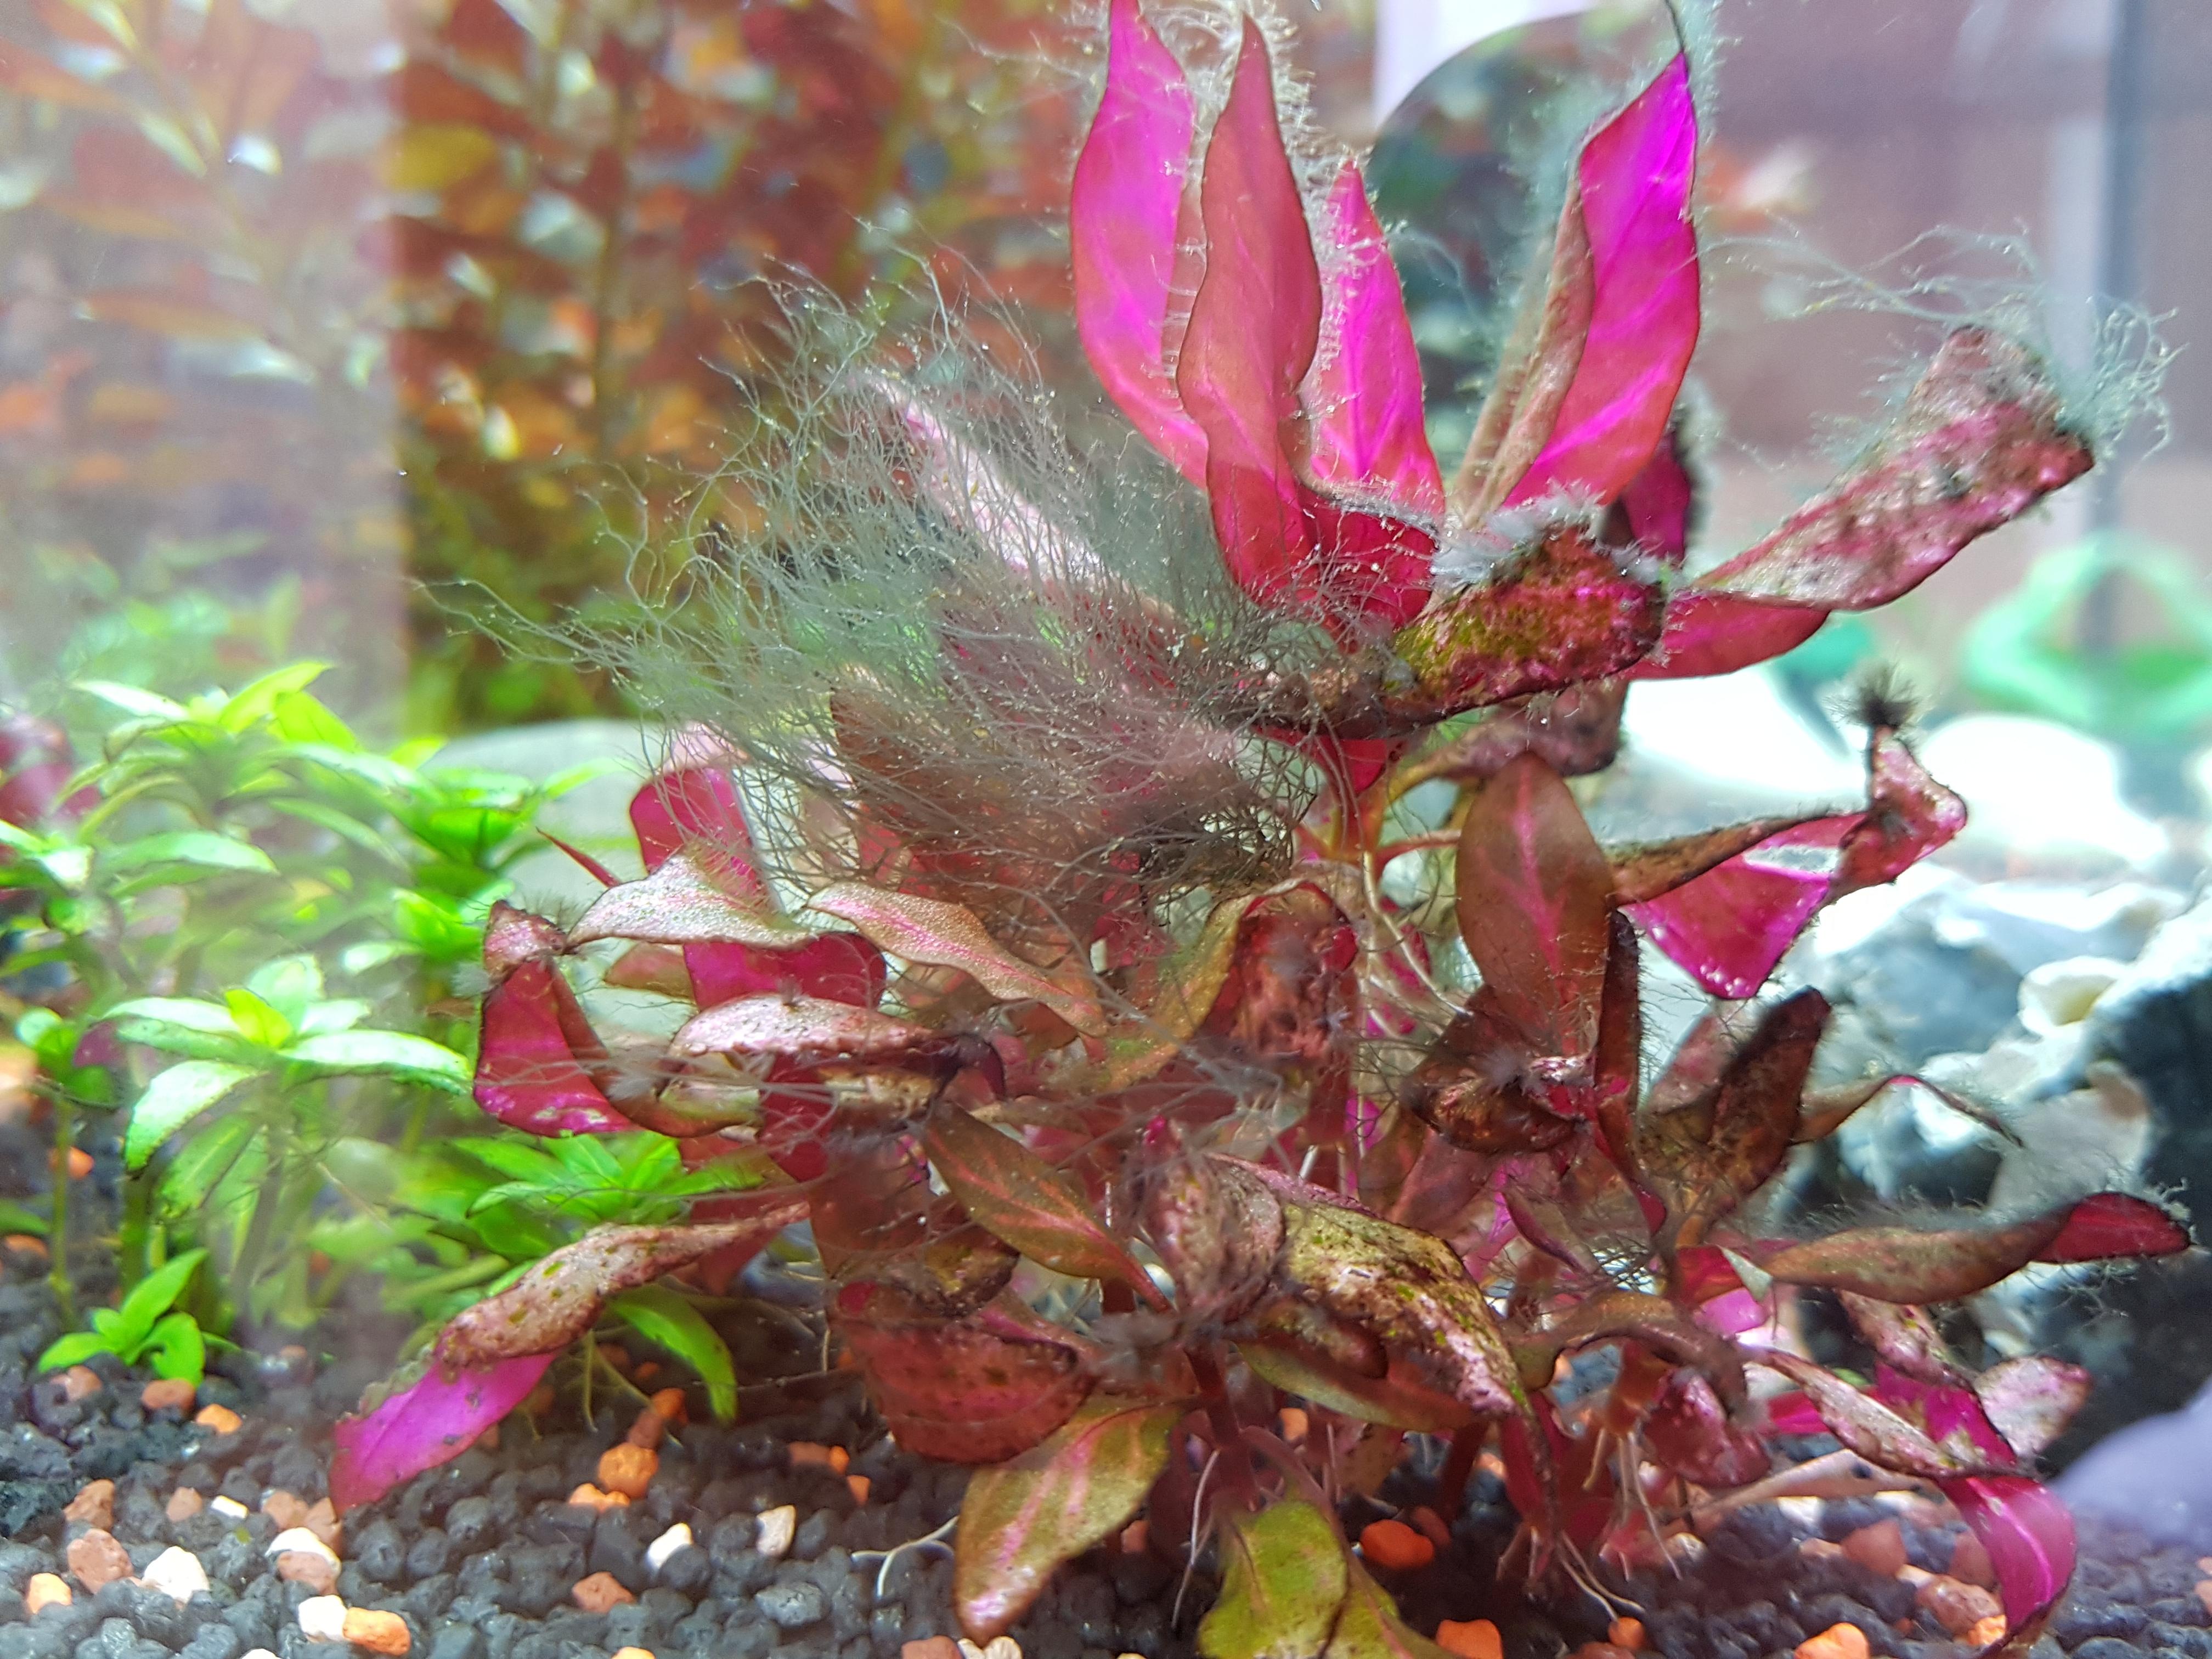 Aquarium Pflanzen | Wer-weiss-was.de